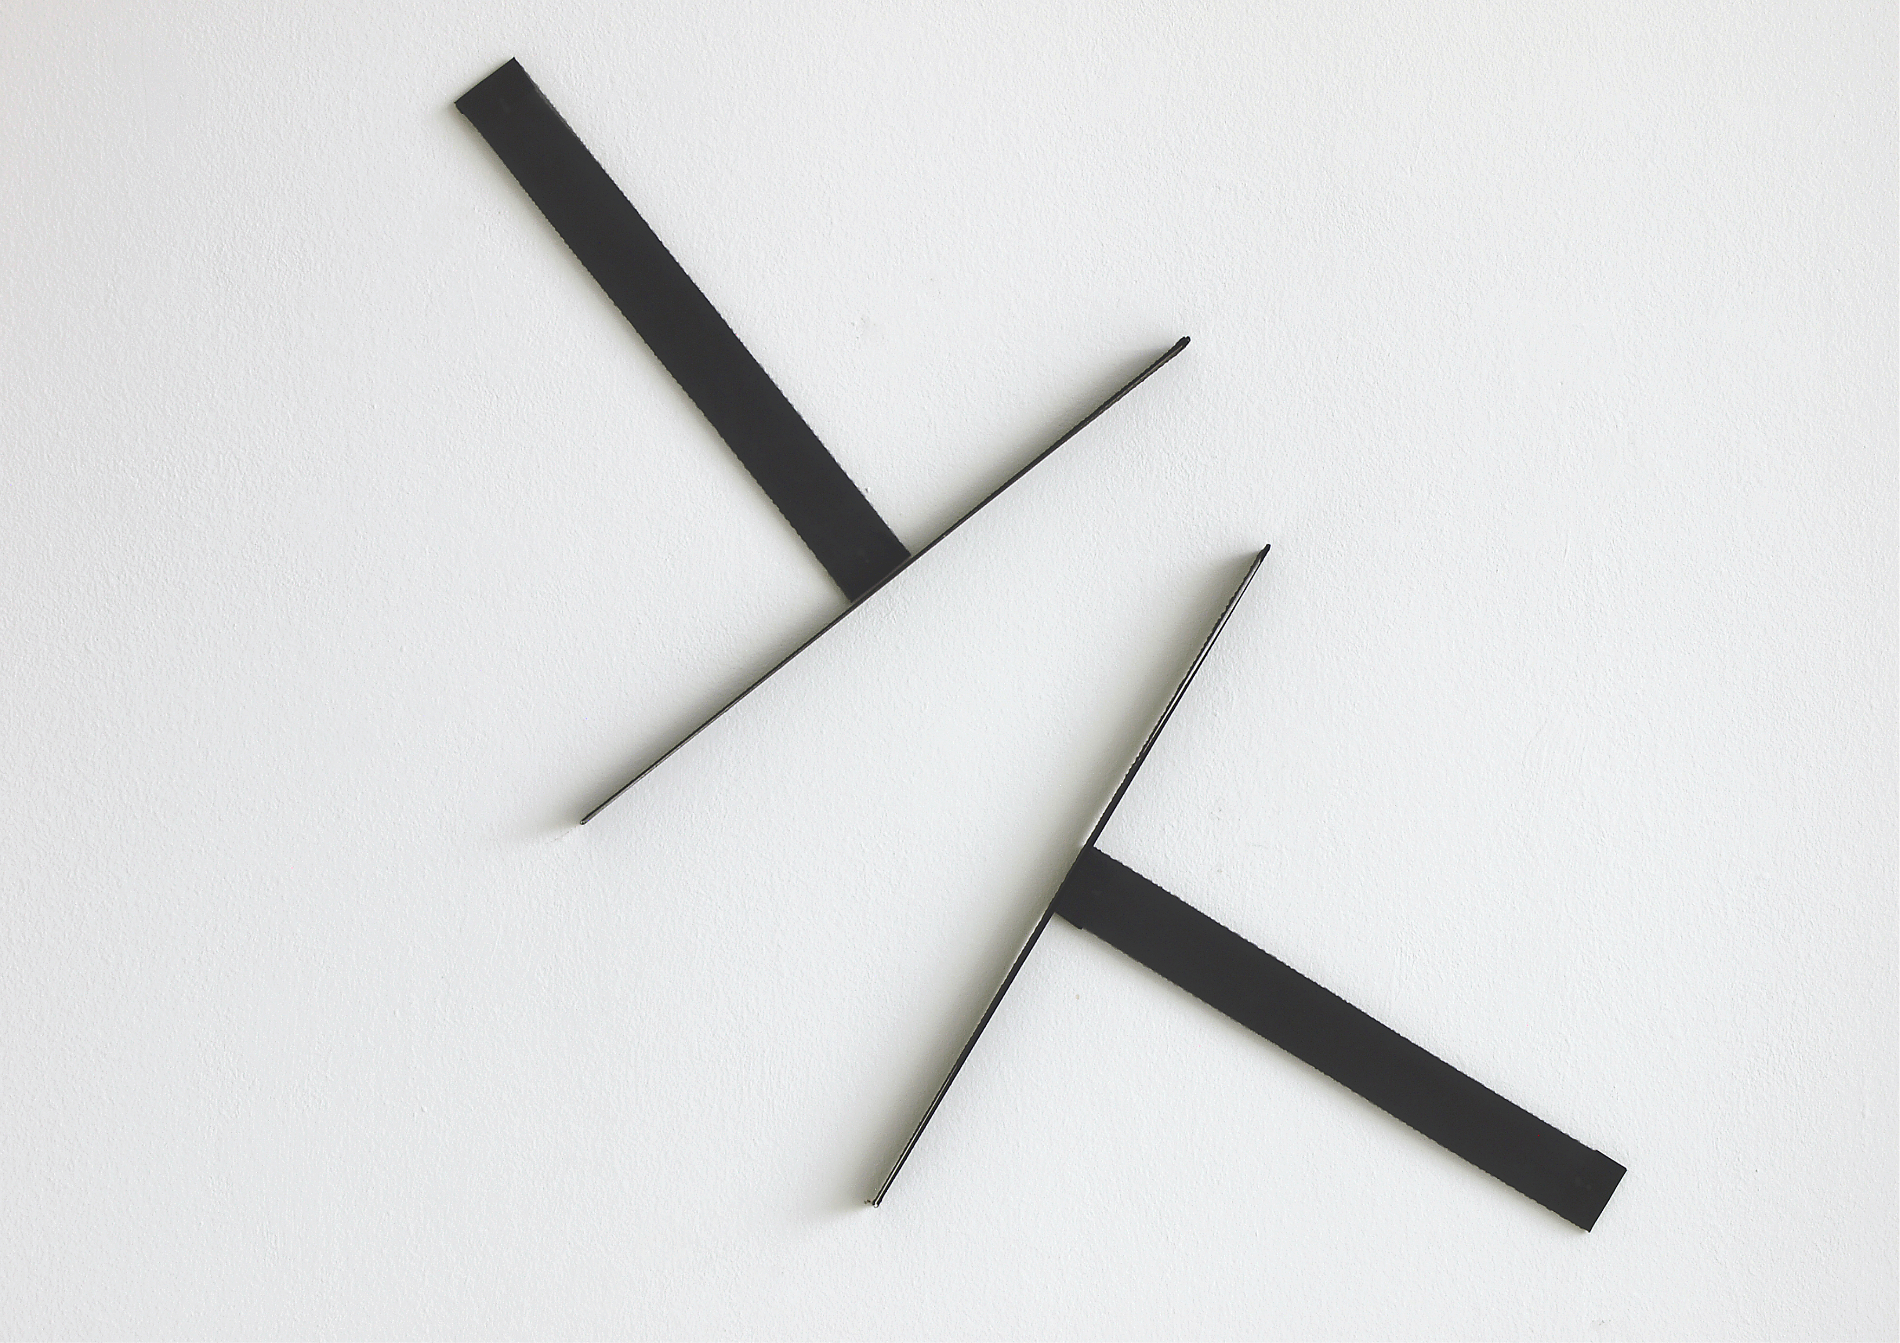 elements #2_2021_tissue, spring steel wire_65 x 66 x 3 cm